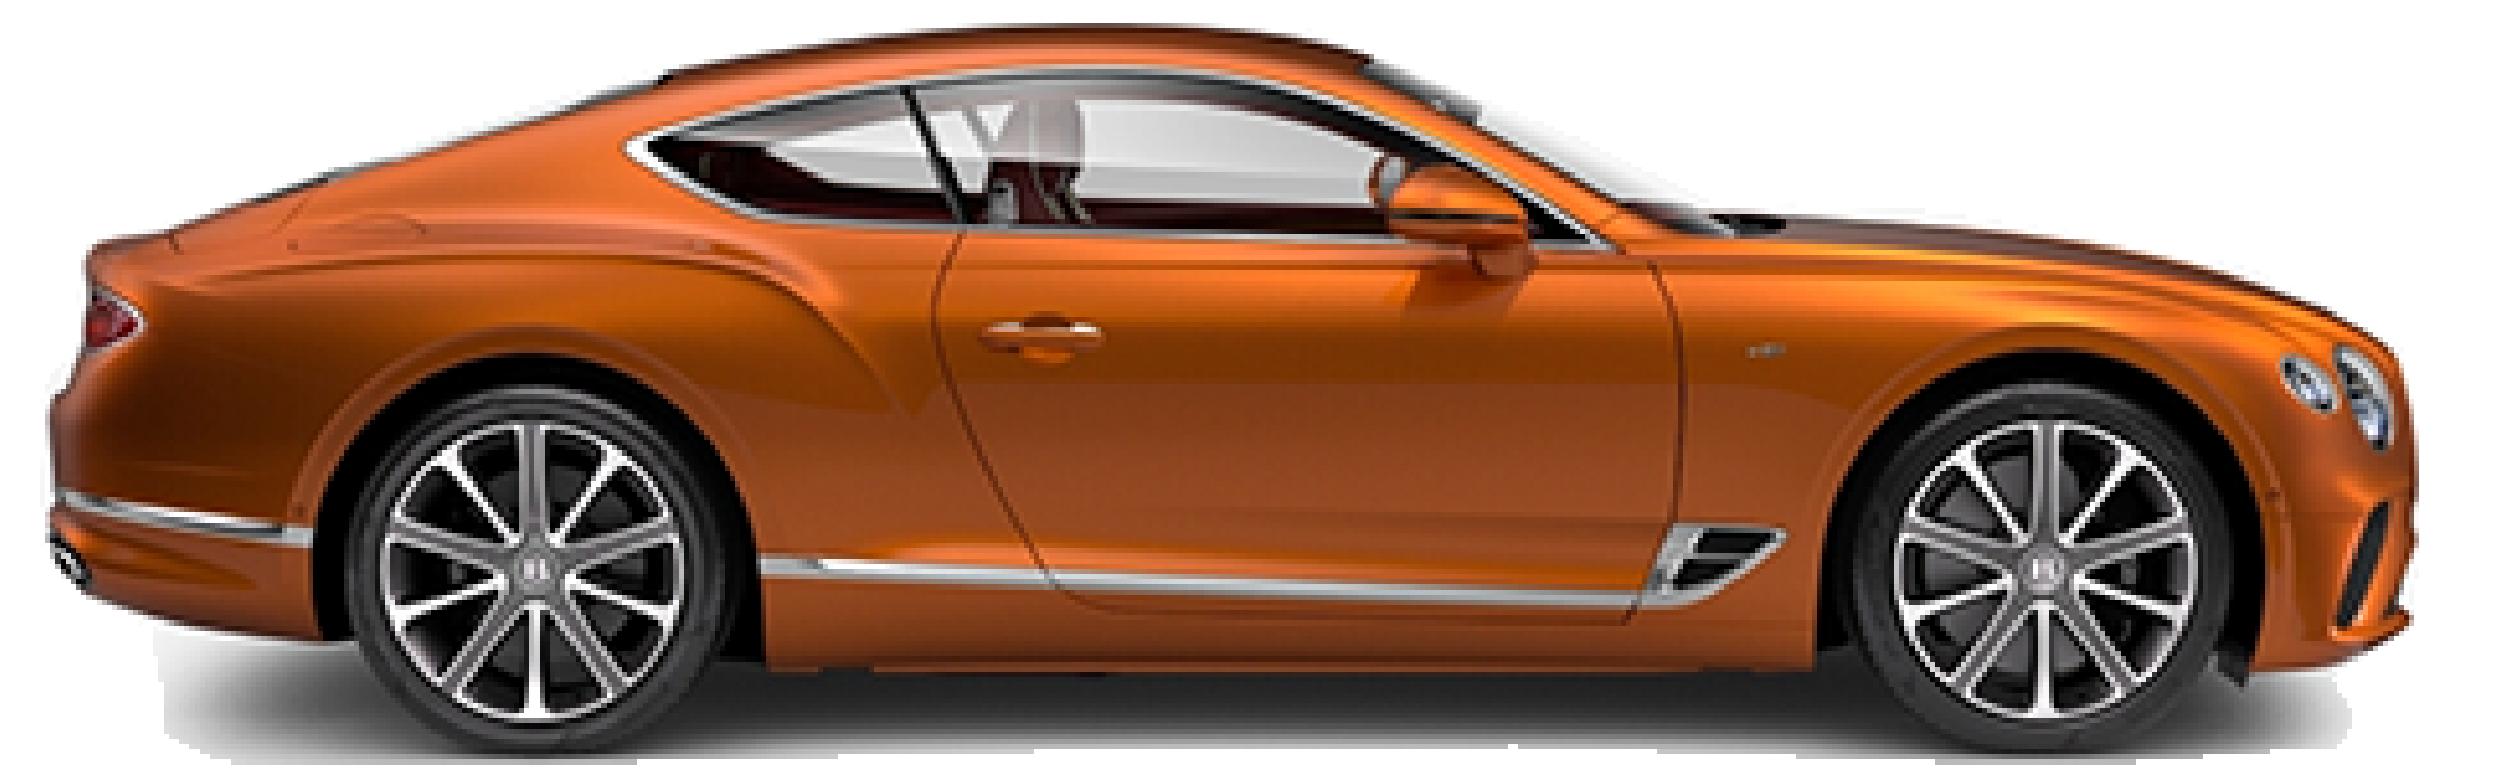 CONTINENTAL GT V8